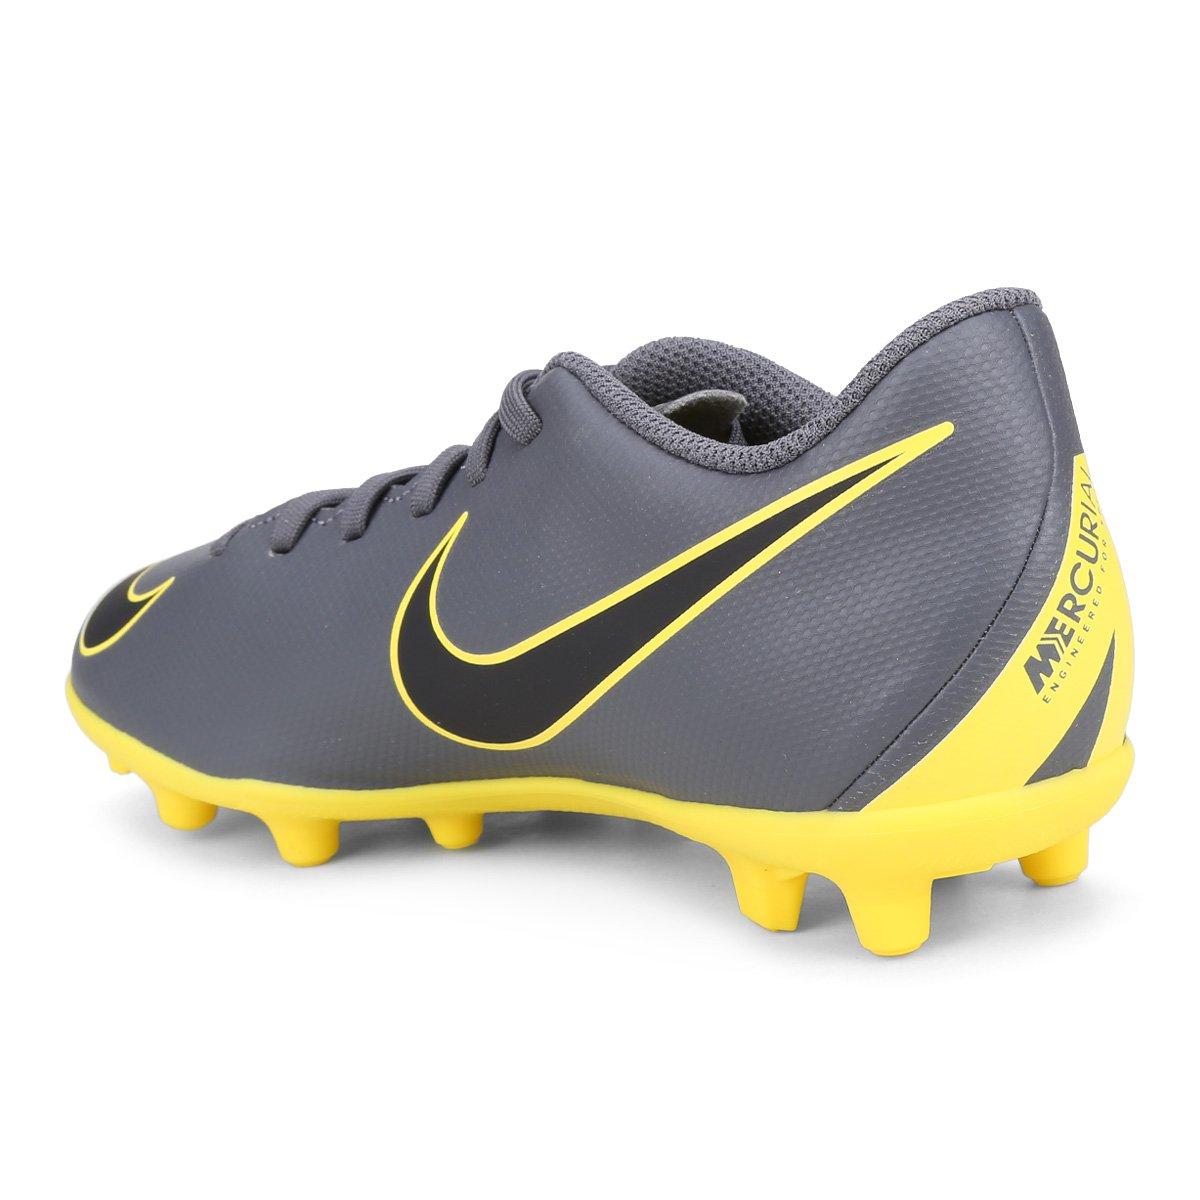 Chuteira Campo Infantil Nike Vapor 12 Club GS FG - Cinza e Amarelo ... 6d8a908197bd3